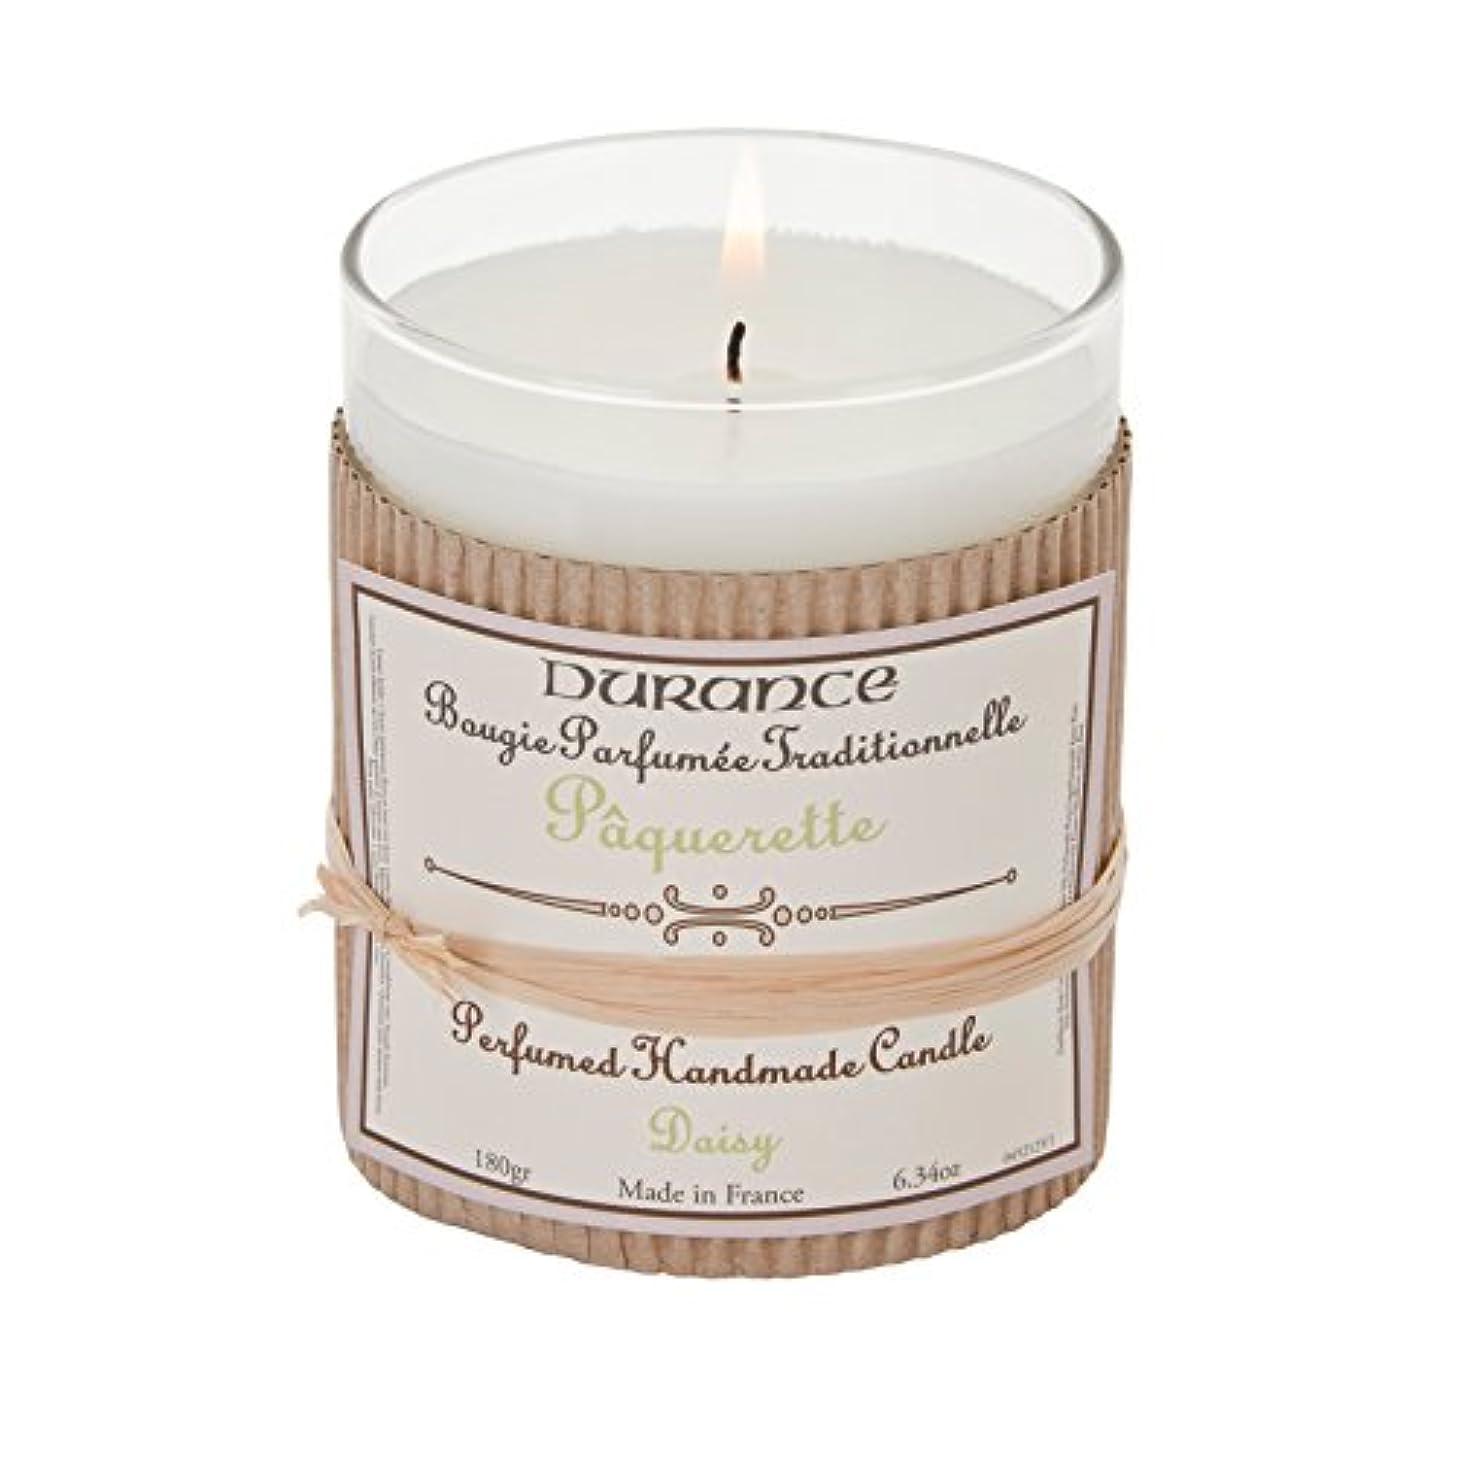 スイ家事をする認可Durance De Provence Hand Crafted Scented Candle - Daisy